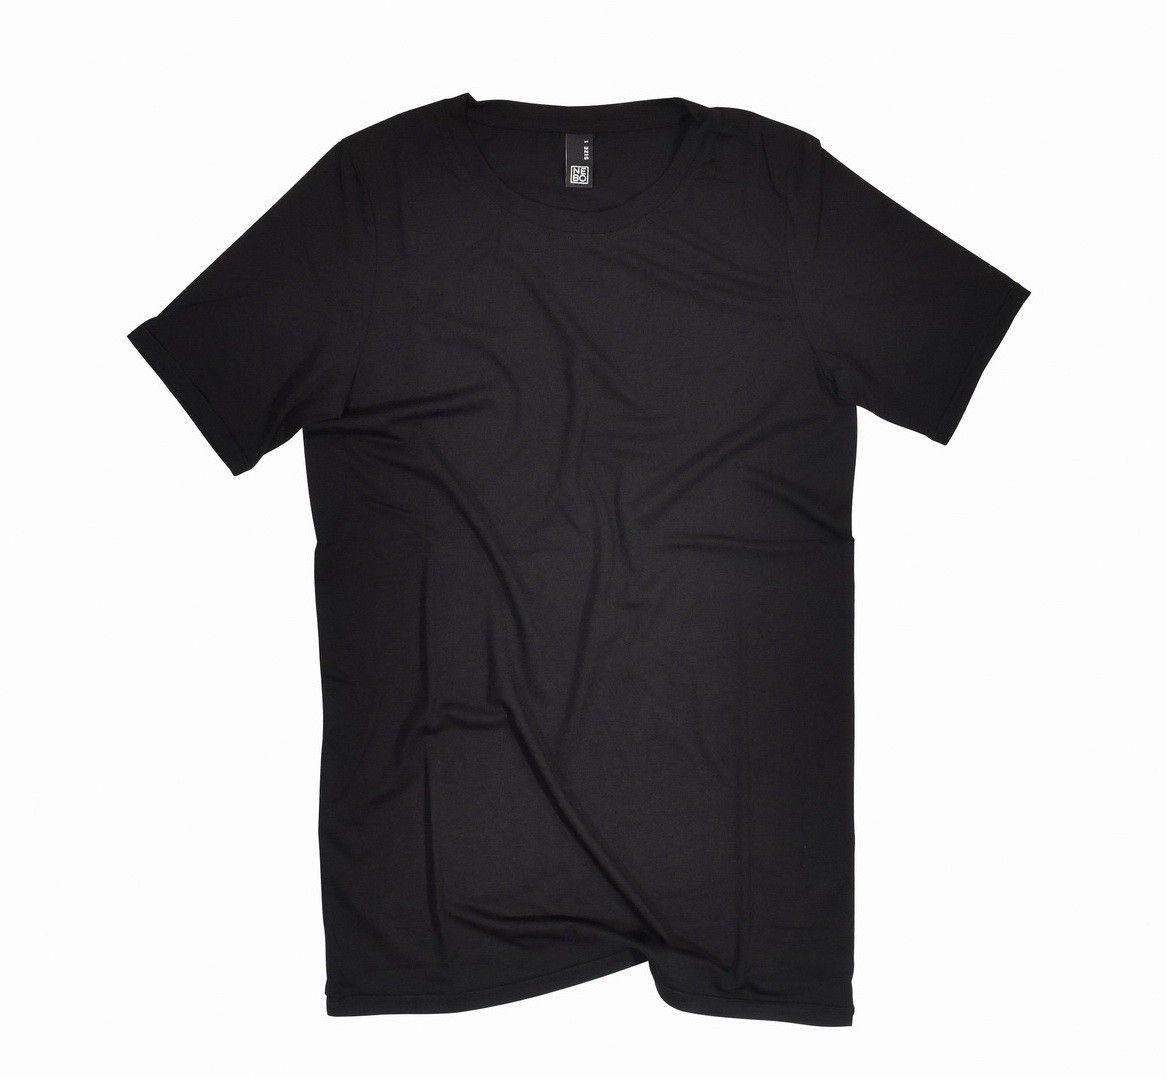 NEBO - Herren T-Shirt - Dean - Black